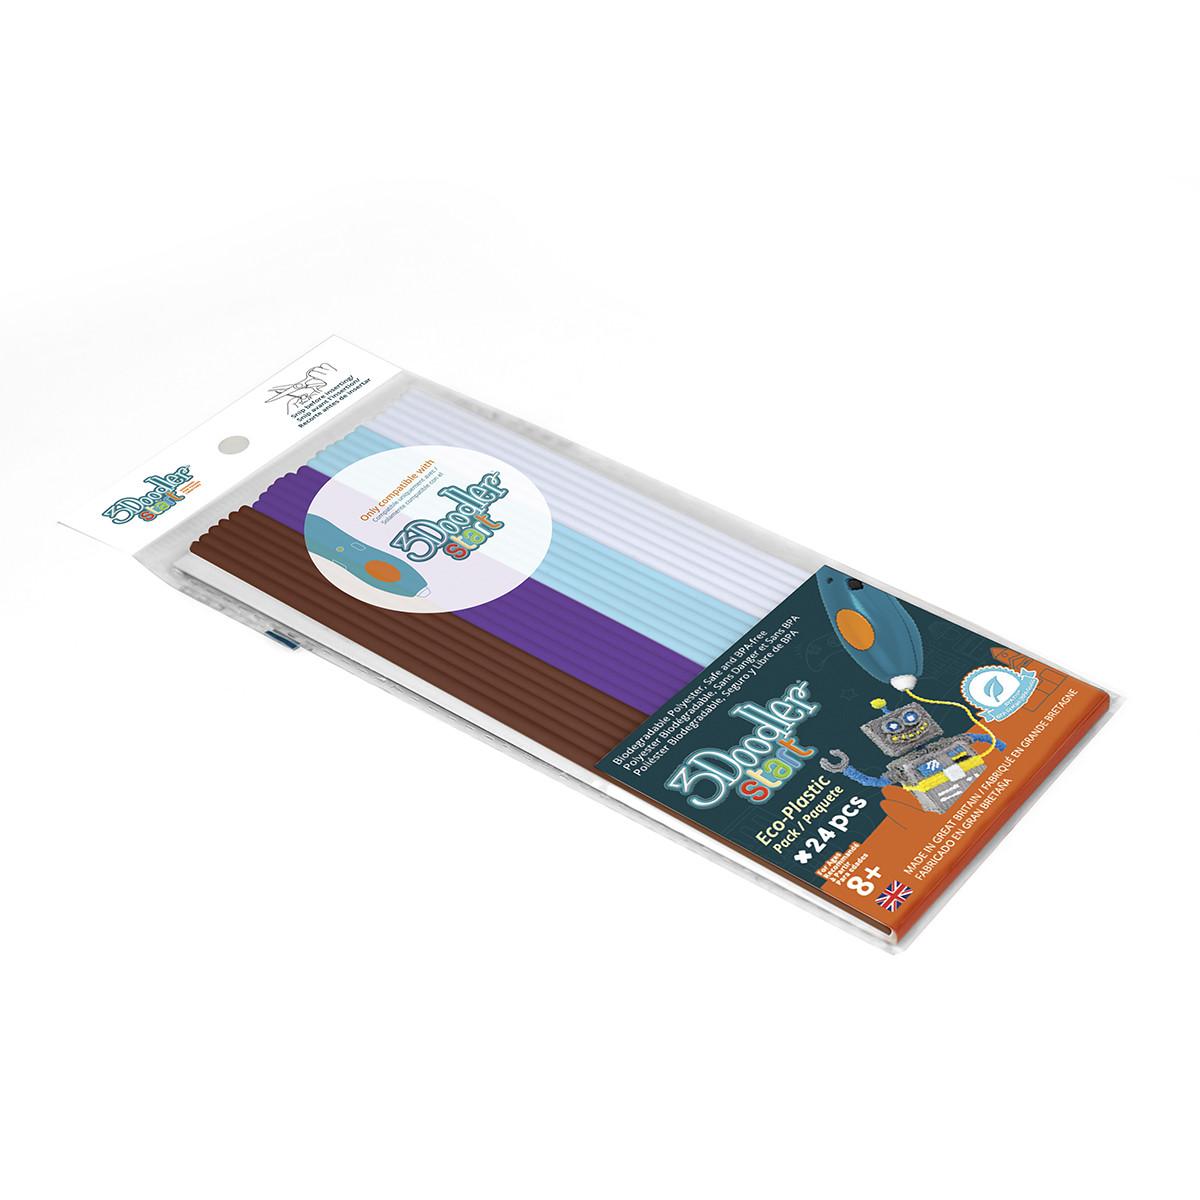 Набор Стержней Для 3D-Ручки - Микс (24 Шт: белый, голубой, коричневый, фиолето) 3Doodler Start 3DS-ECO-MIX5-24